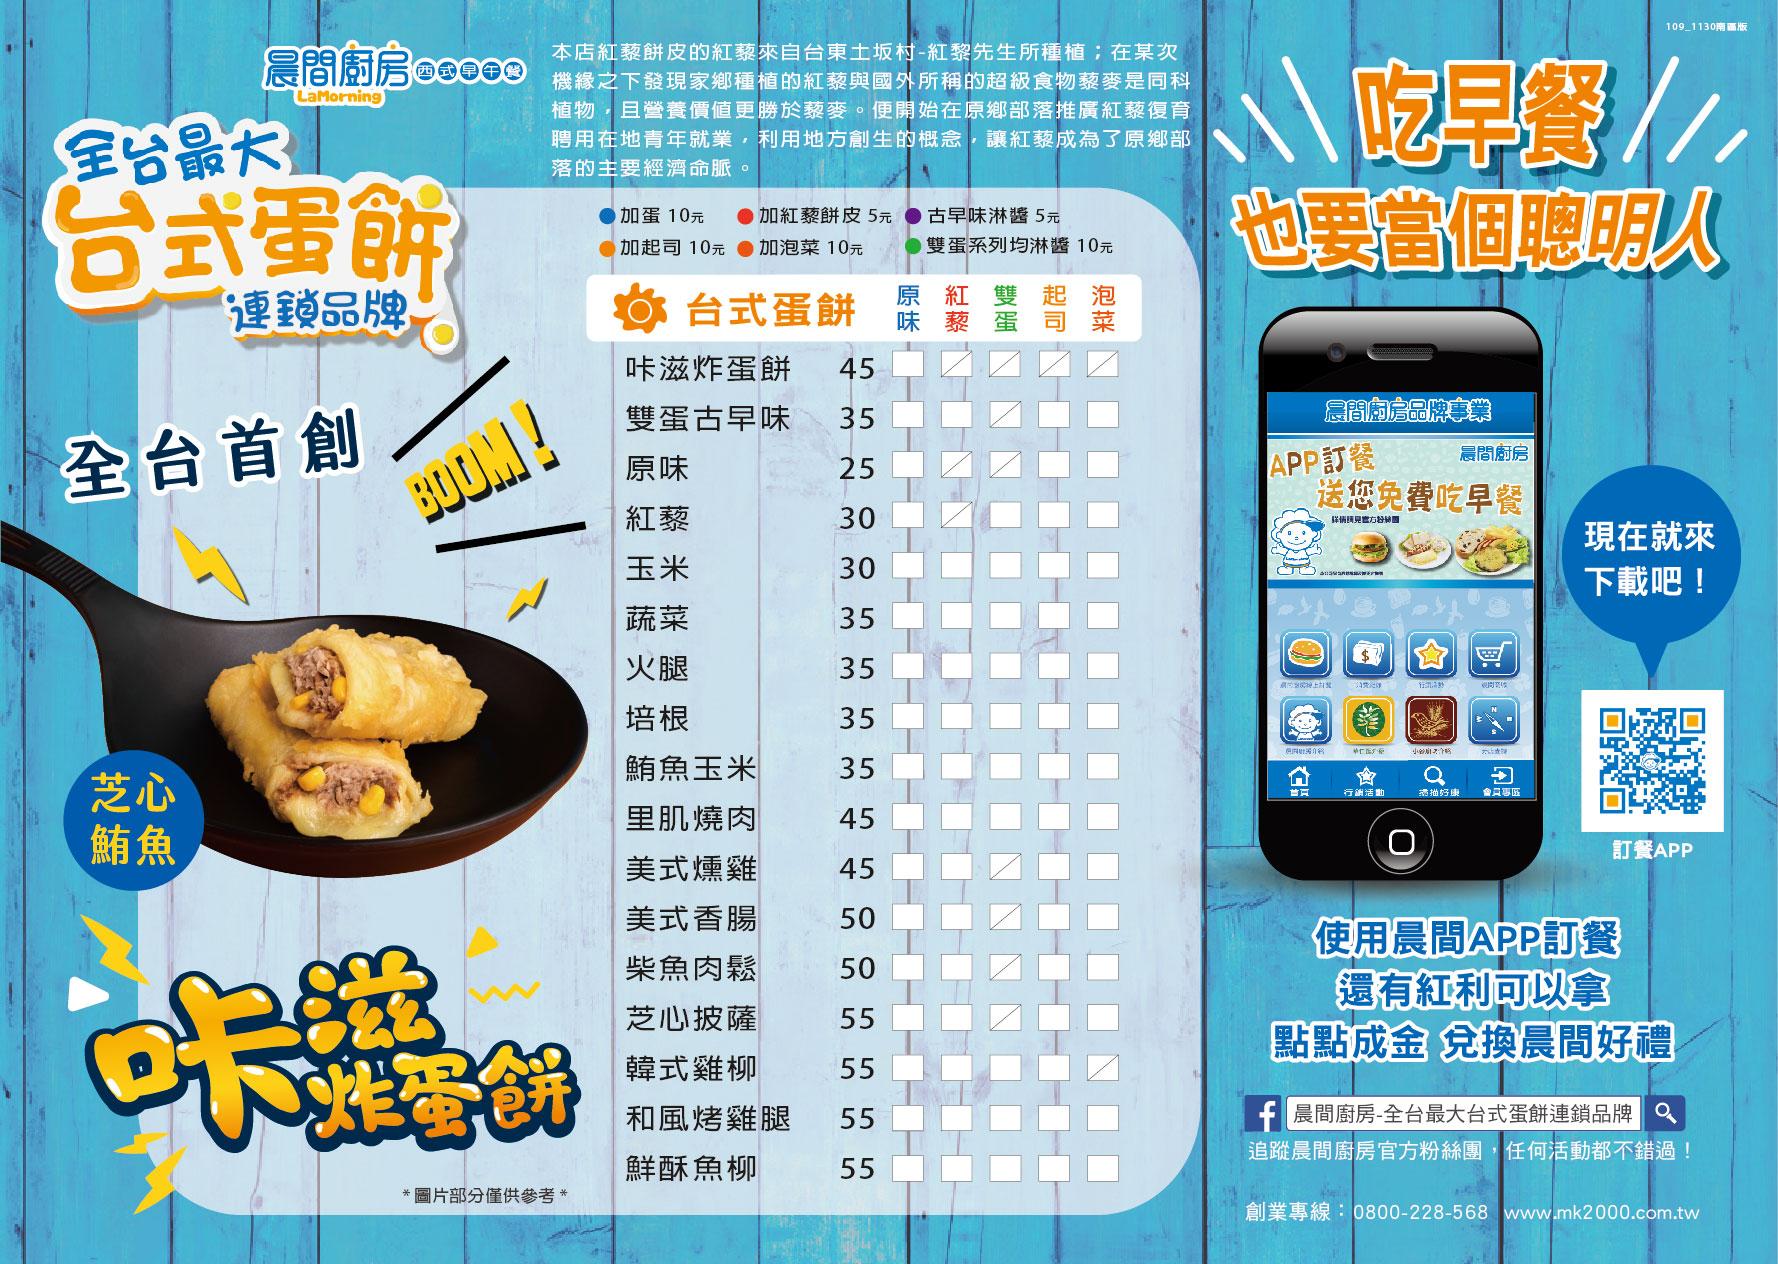 晨間廚房菜單MENU-【南區】台南、高雄、屏東、台東